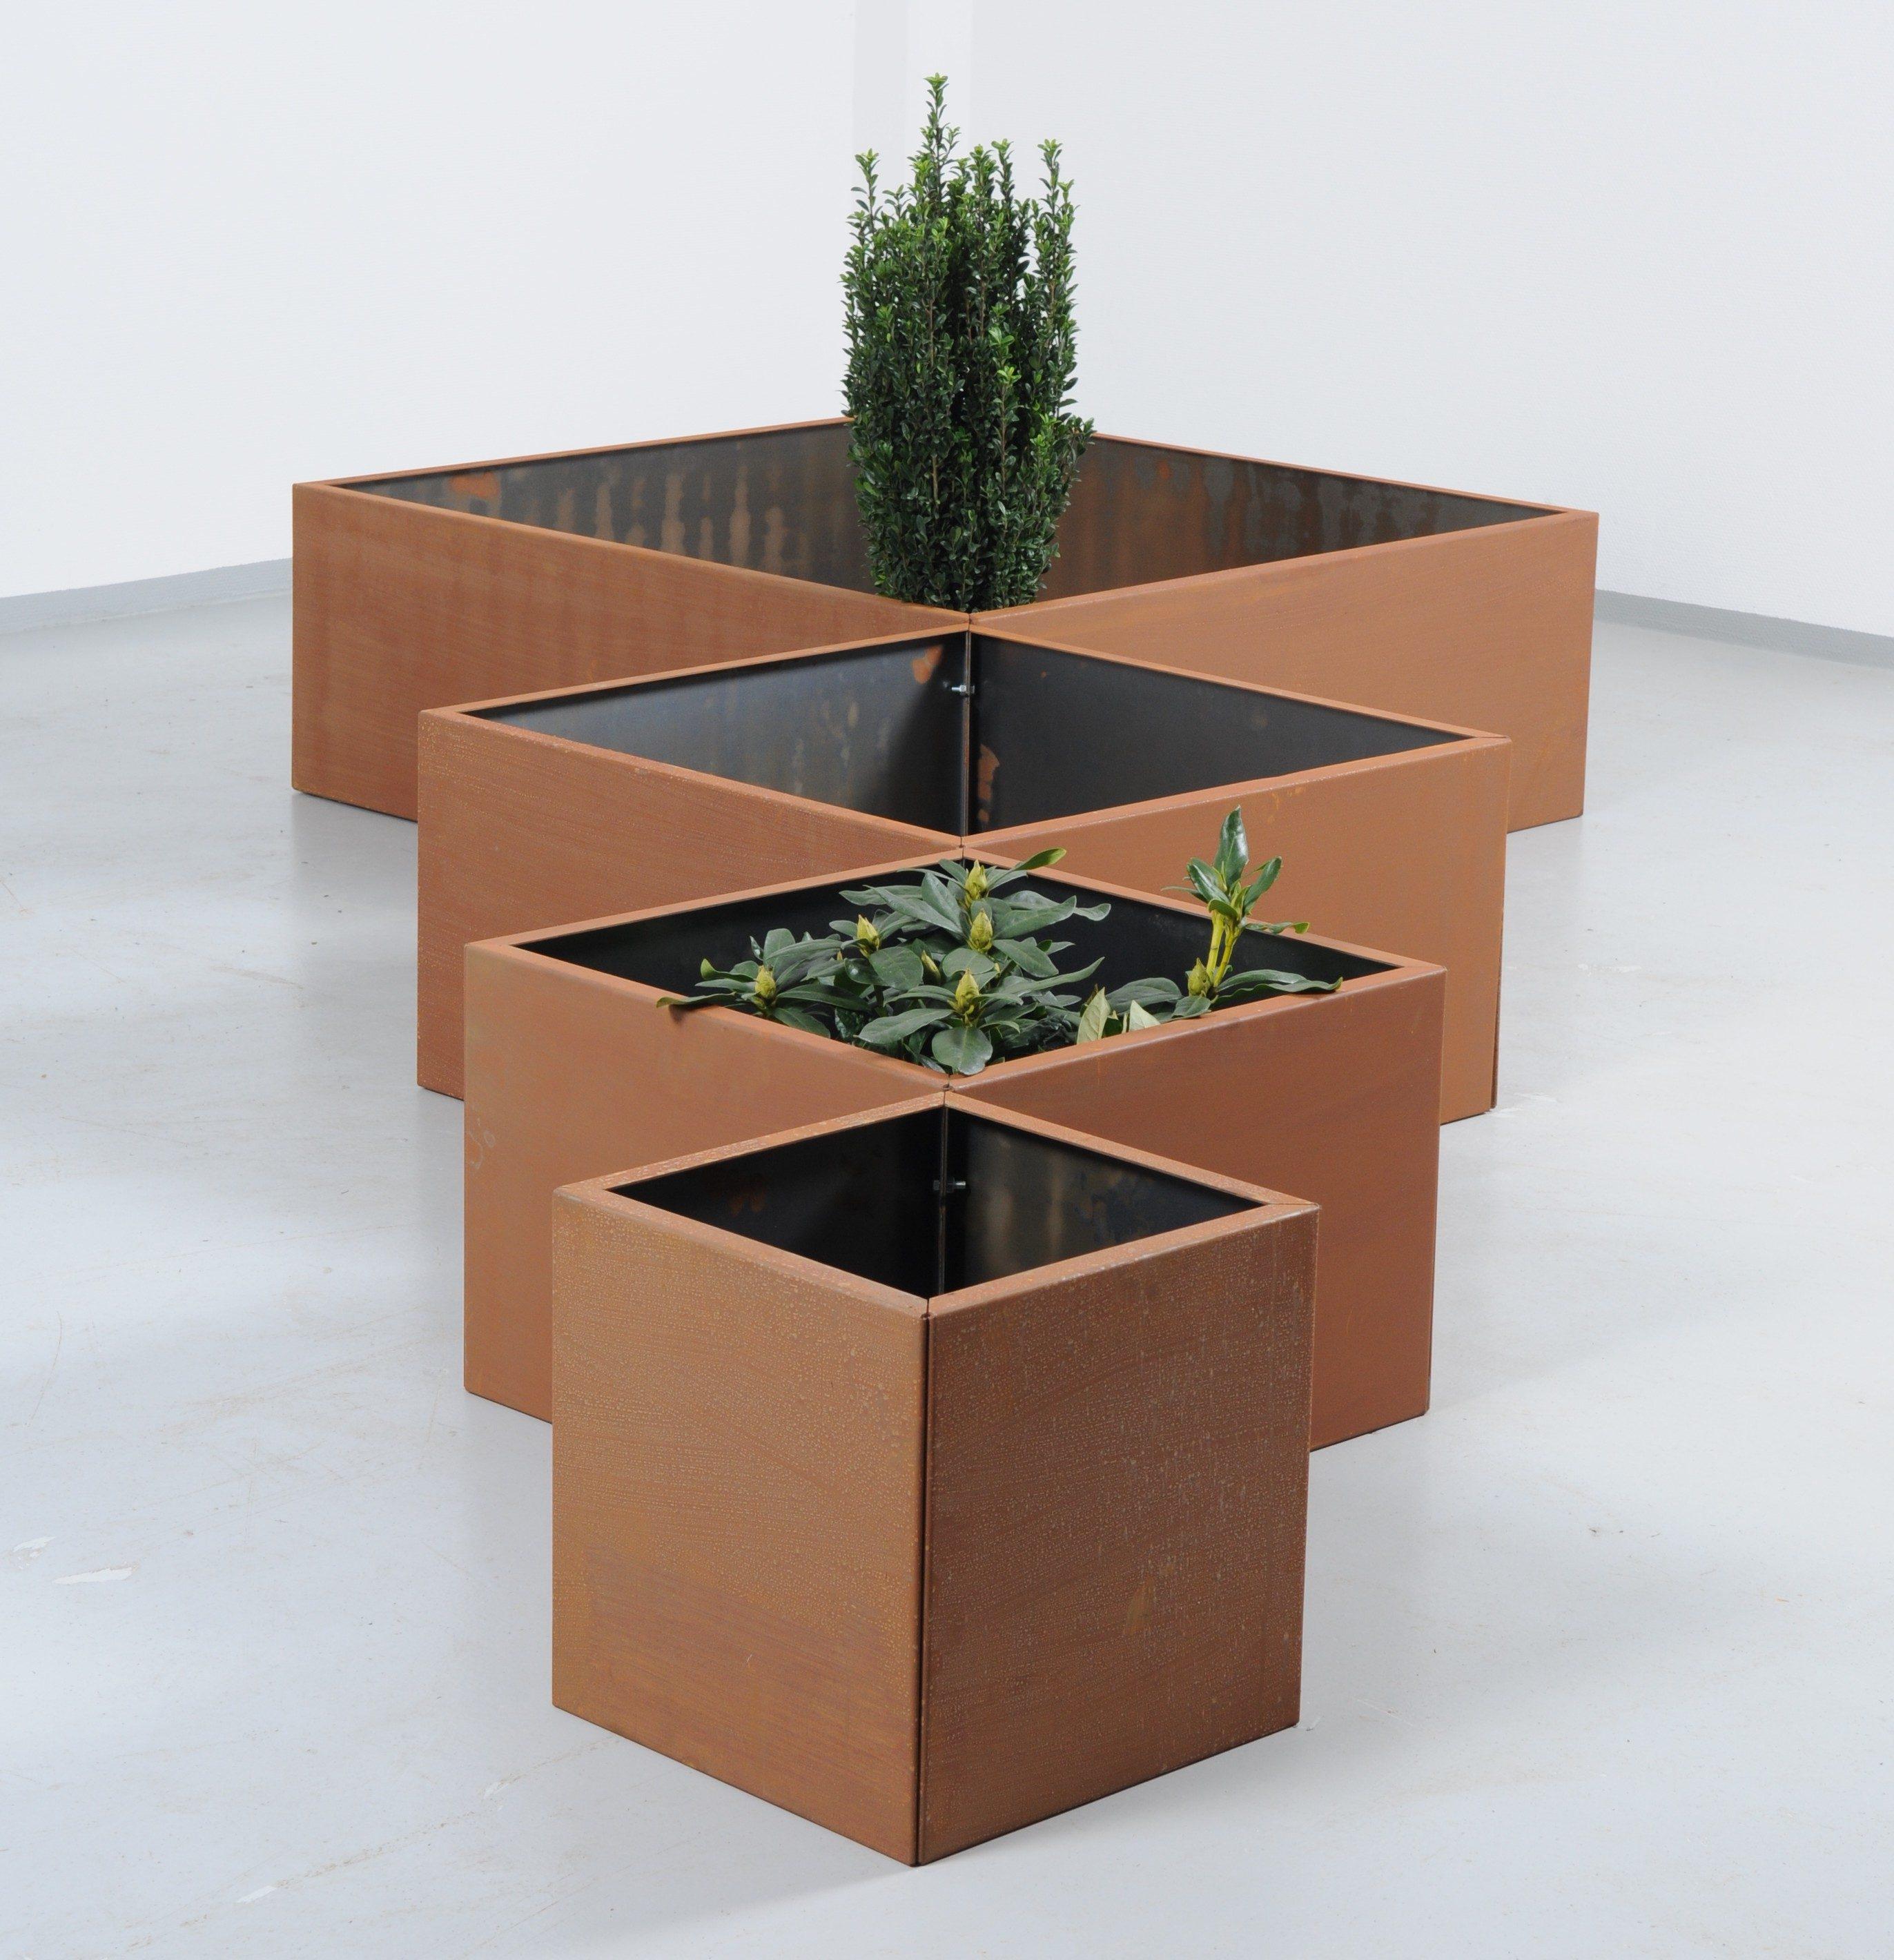 Plantekummerne fra Land sættes sammen af sider i fire forskellige længder